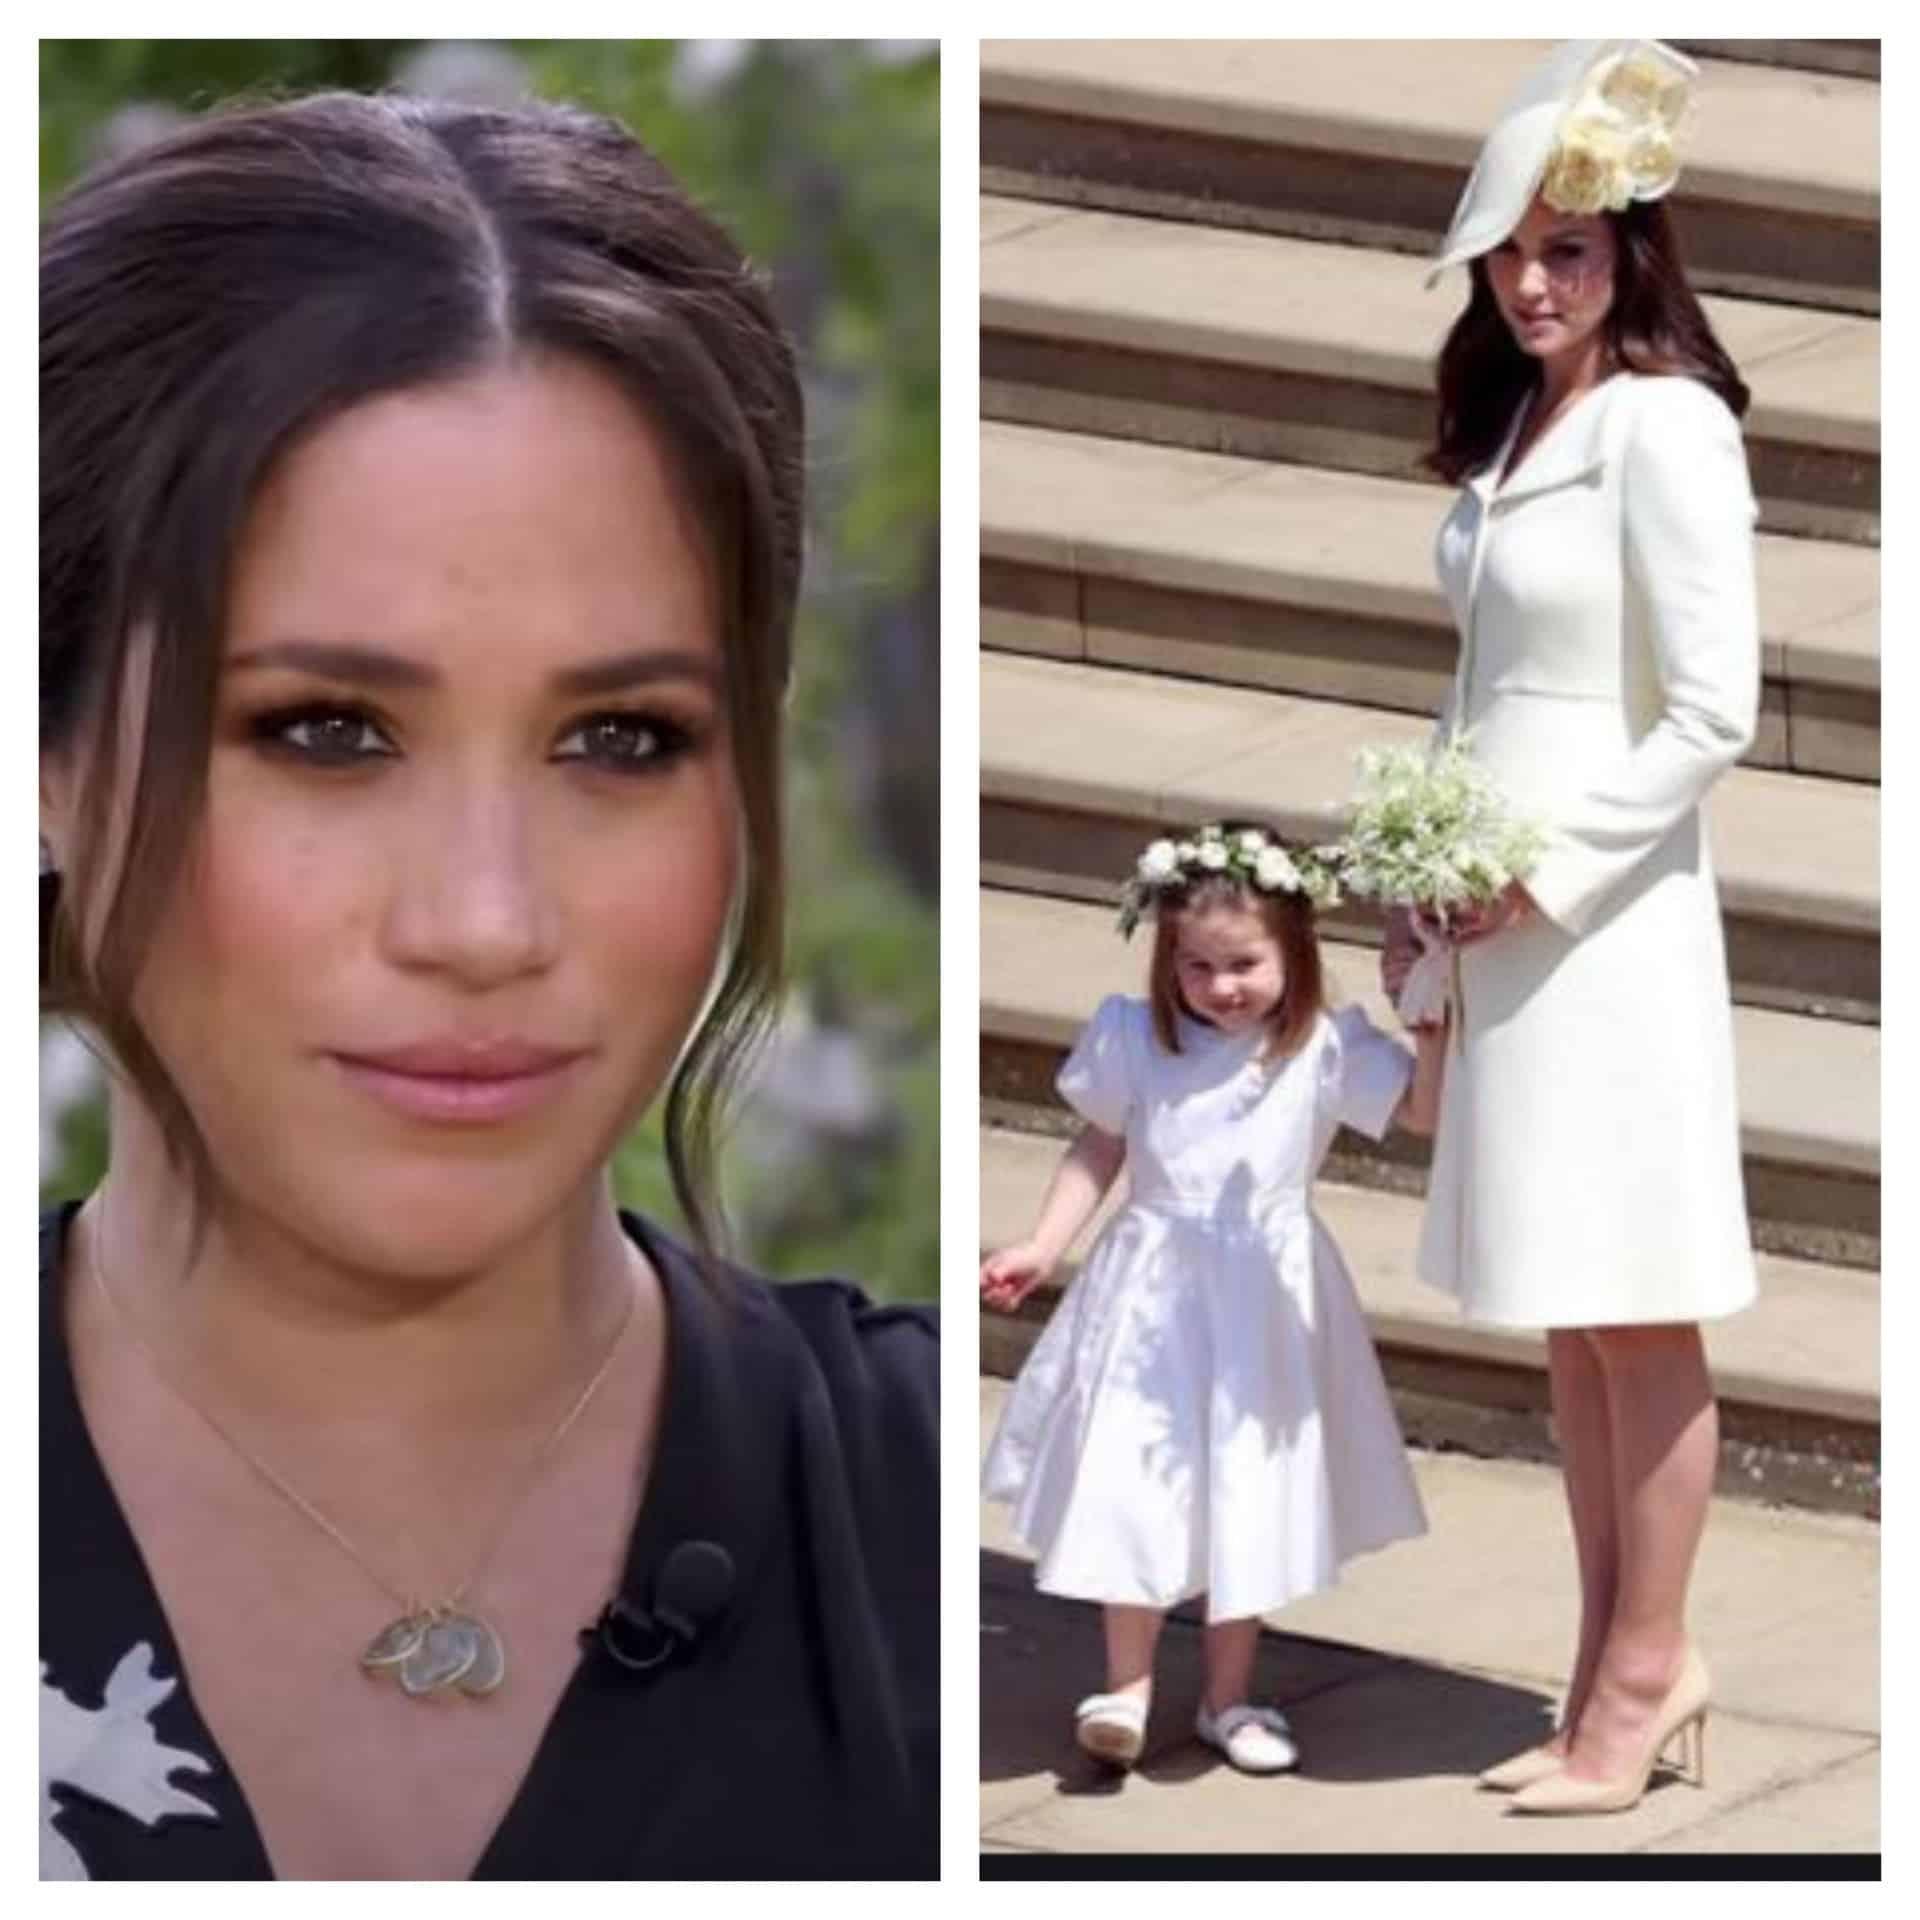 La famosa lite tra Kate Middleton e Meghan Markle: tutto è iniziato da lì